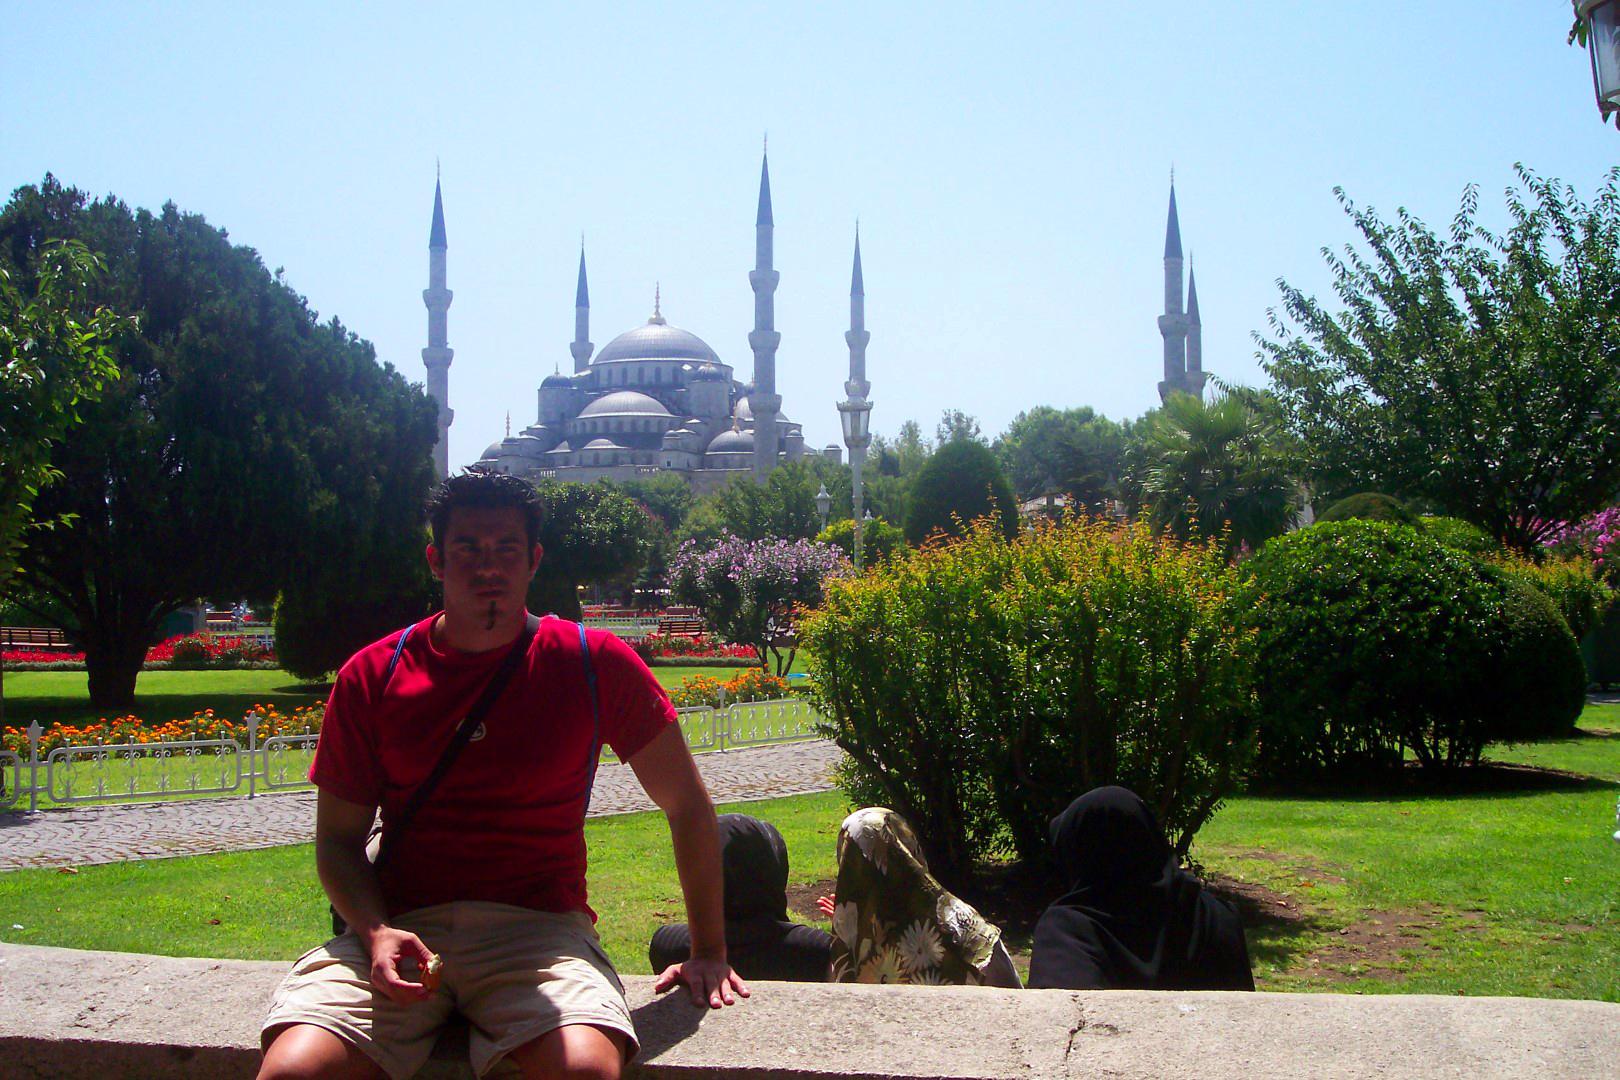 qué ver en Estambul, Turquía - Istanbul, Turkey qué ver en estambul - 30362988314 83f7a86175 o - Qué ver en Estambul